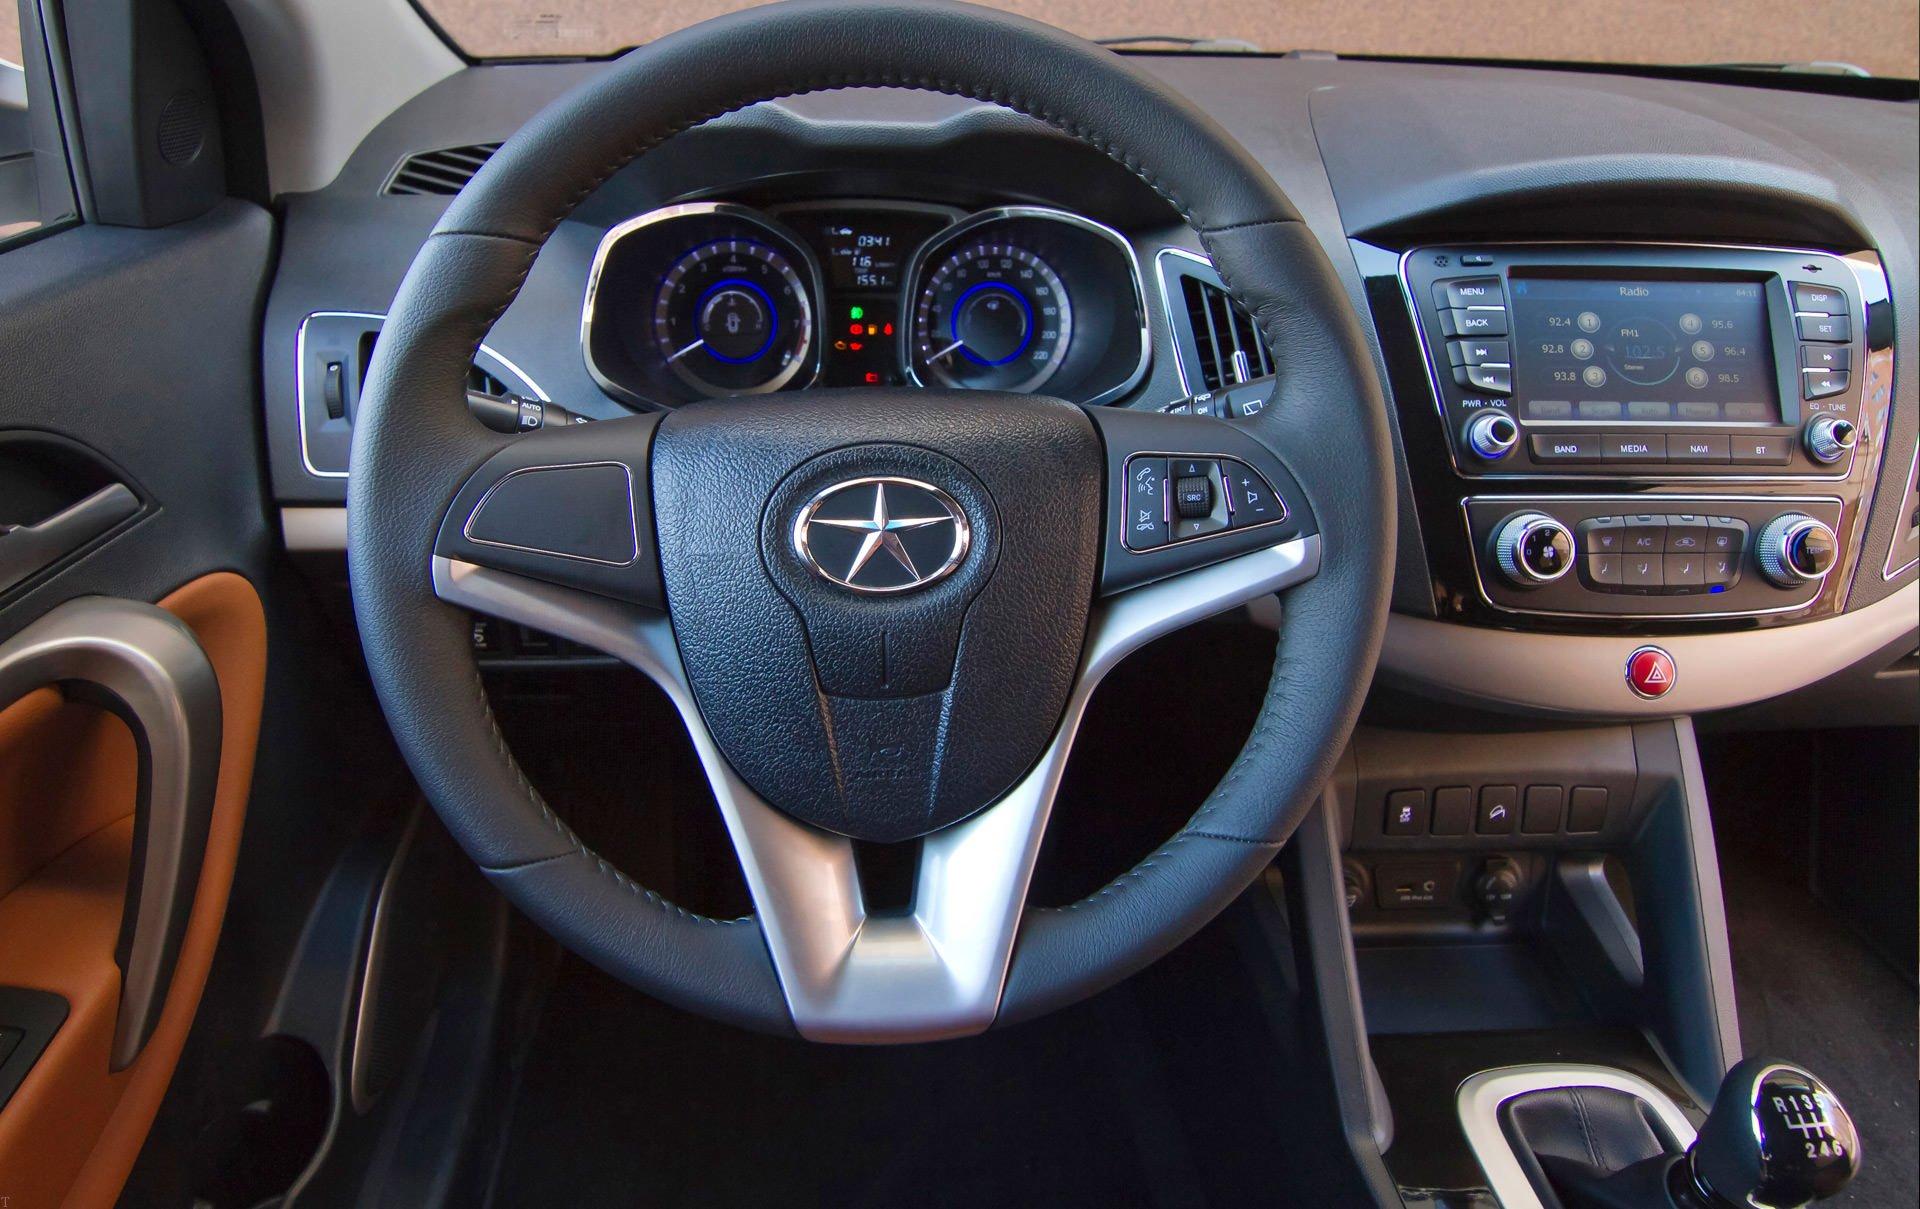 مشخصات و طراحی جک s5 + عکس های خودروی محبوب چینی